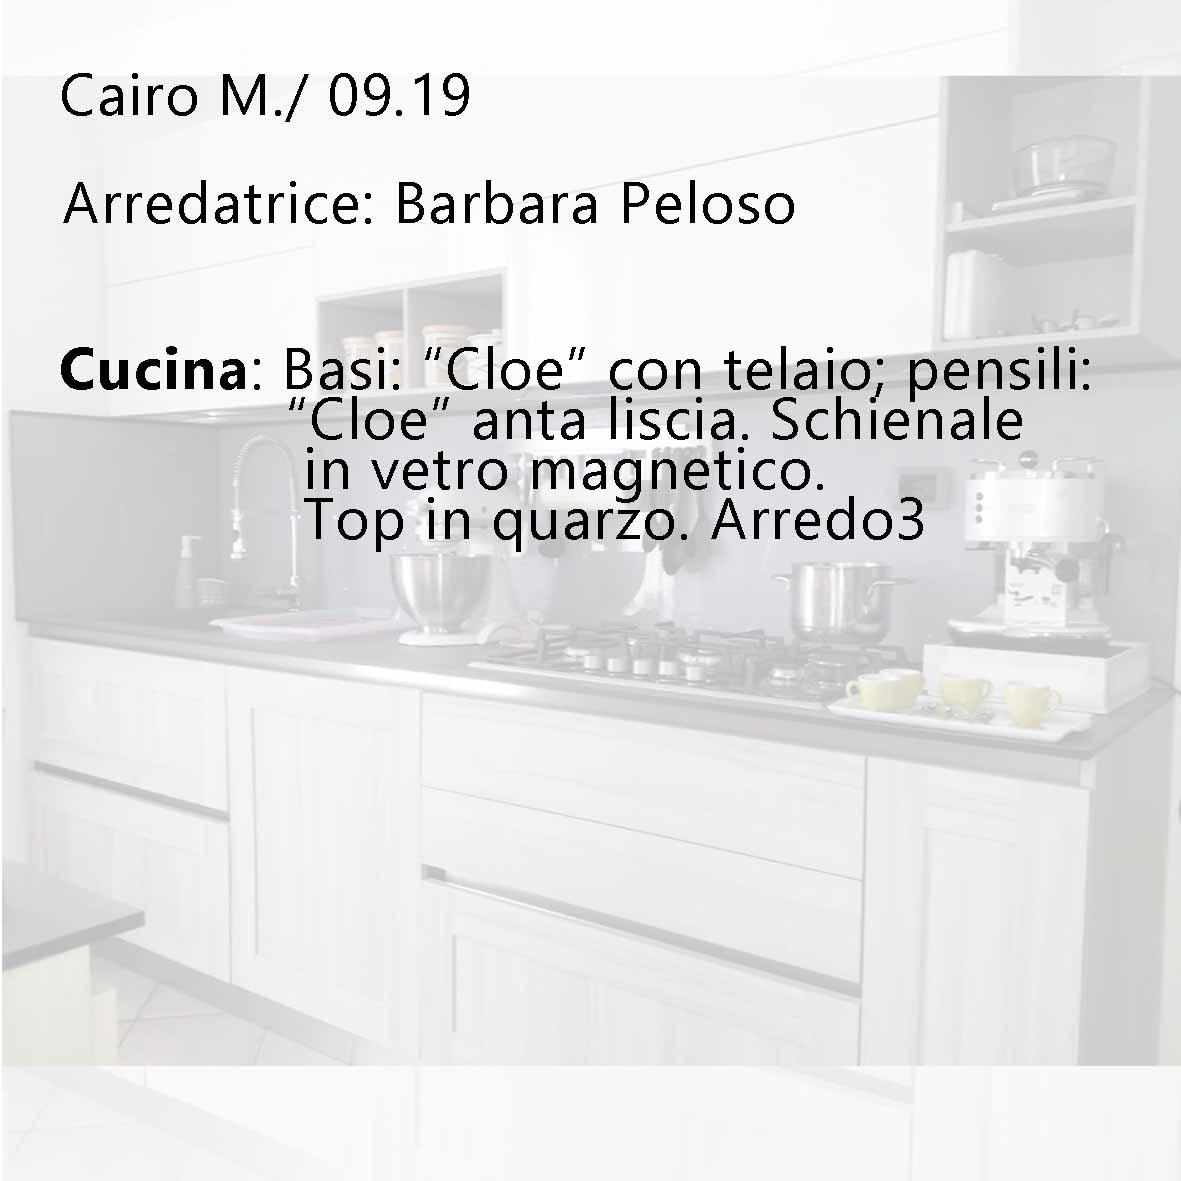 cucina-cloe-arredo3-centro dell'arredamento-savona